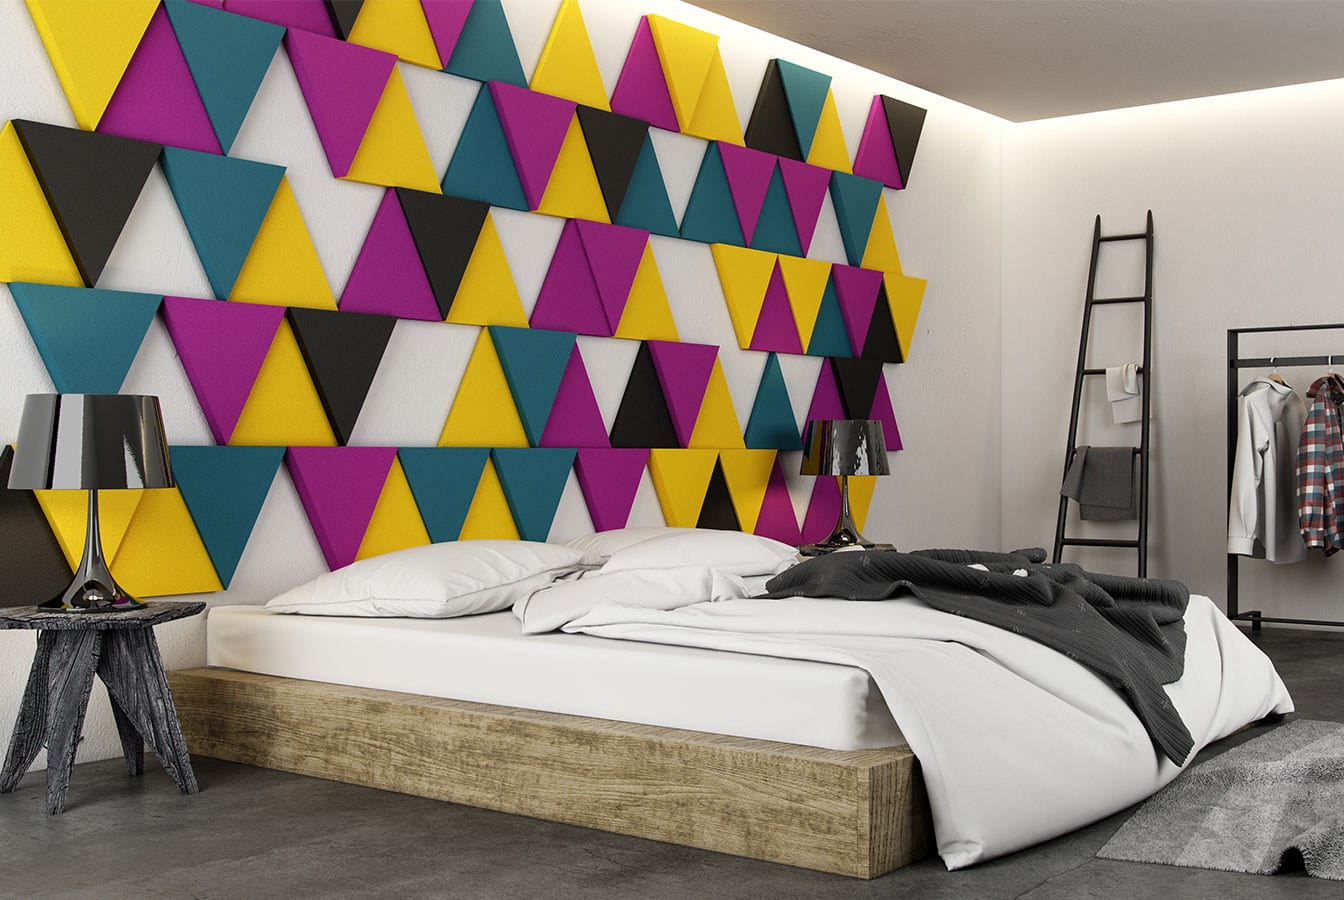 Kreative Wohnideen Schlafzimmer Und Coole Farbgestaltung Mit 3d Paneelen